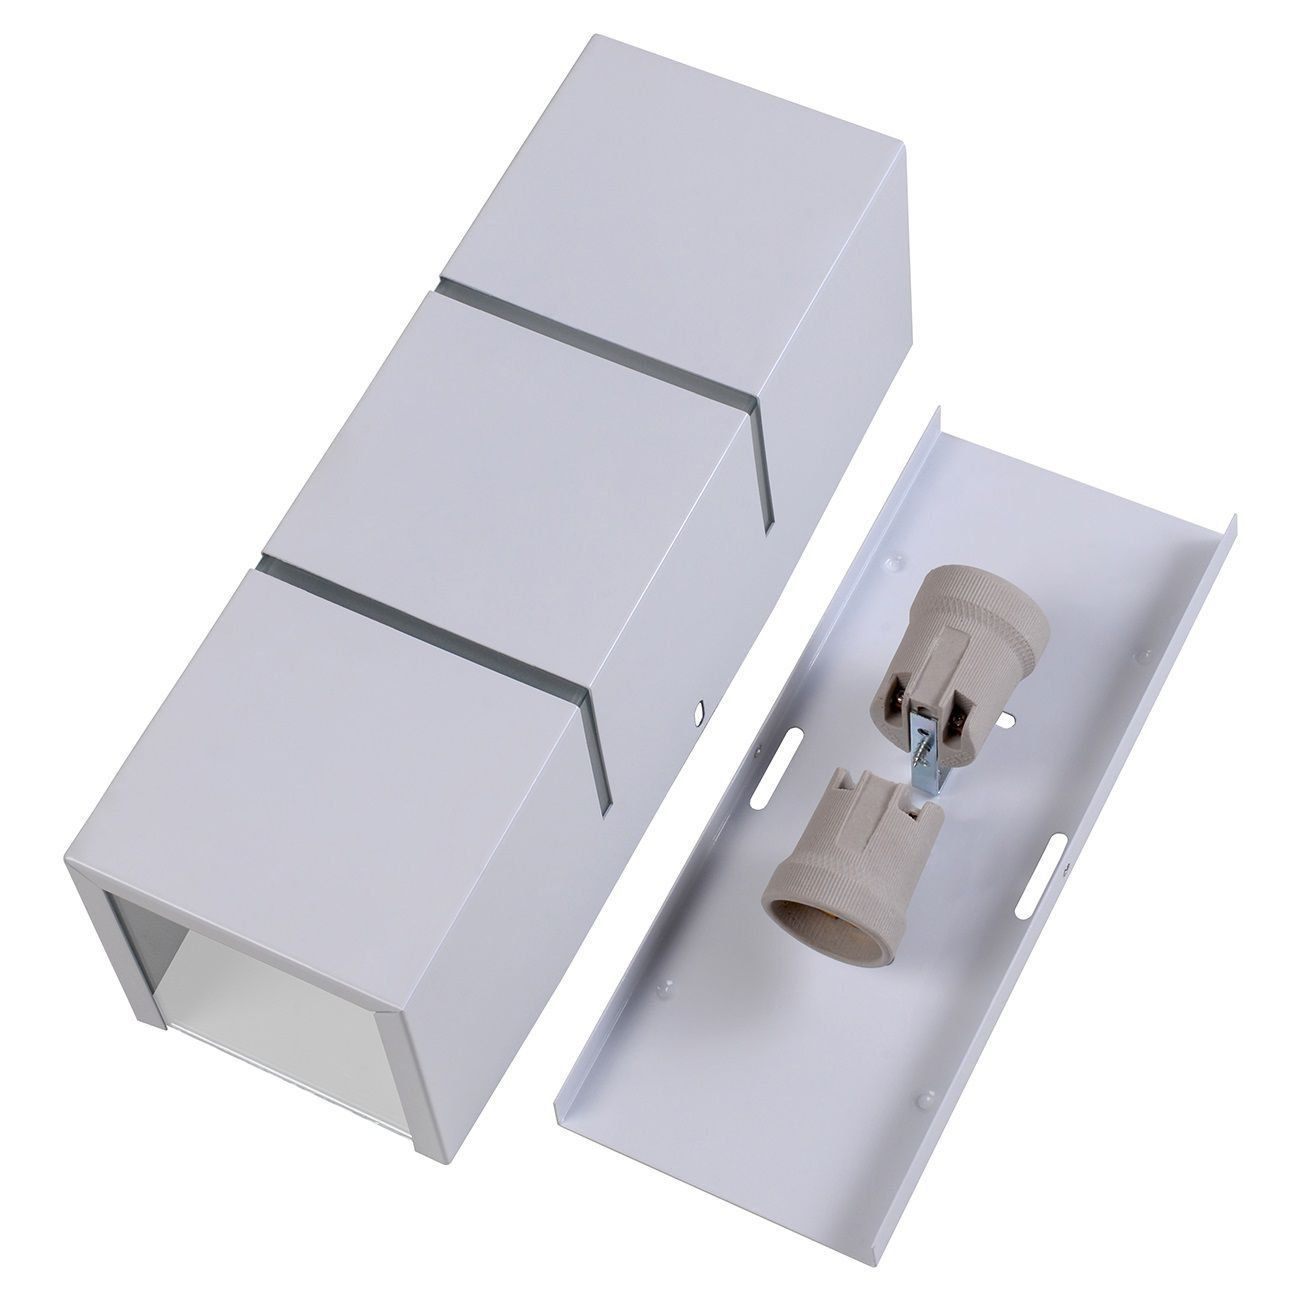 Arandela Retangular 2 Frisos Externa Interna Muro Parede Alumínio Branco - Rei da Iluminação